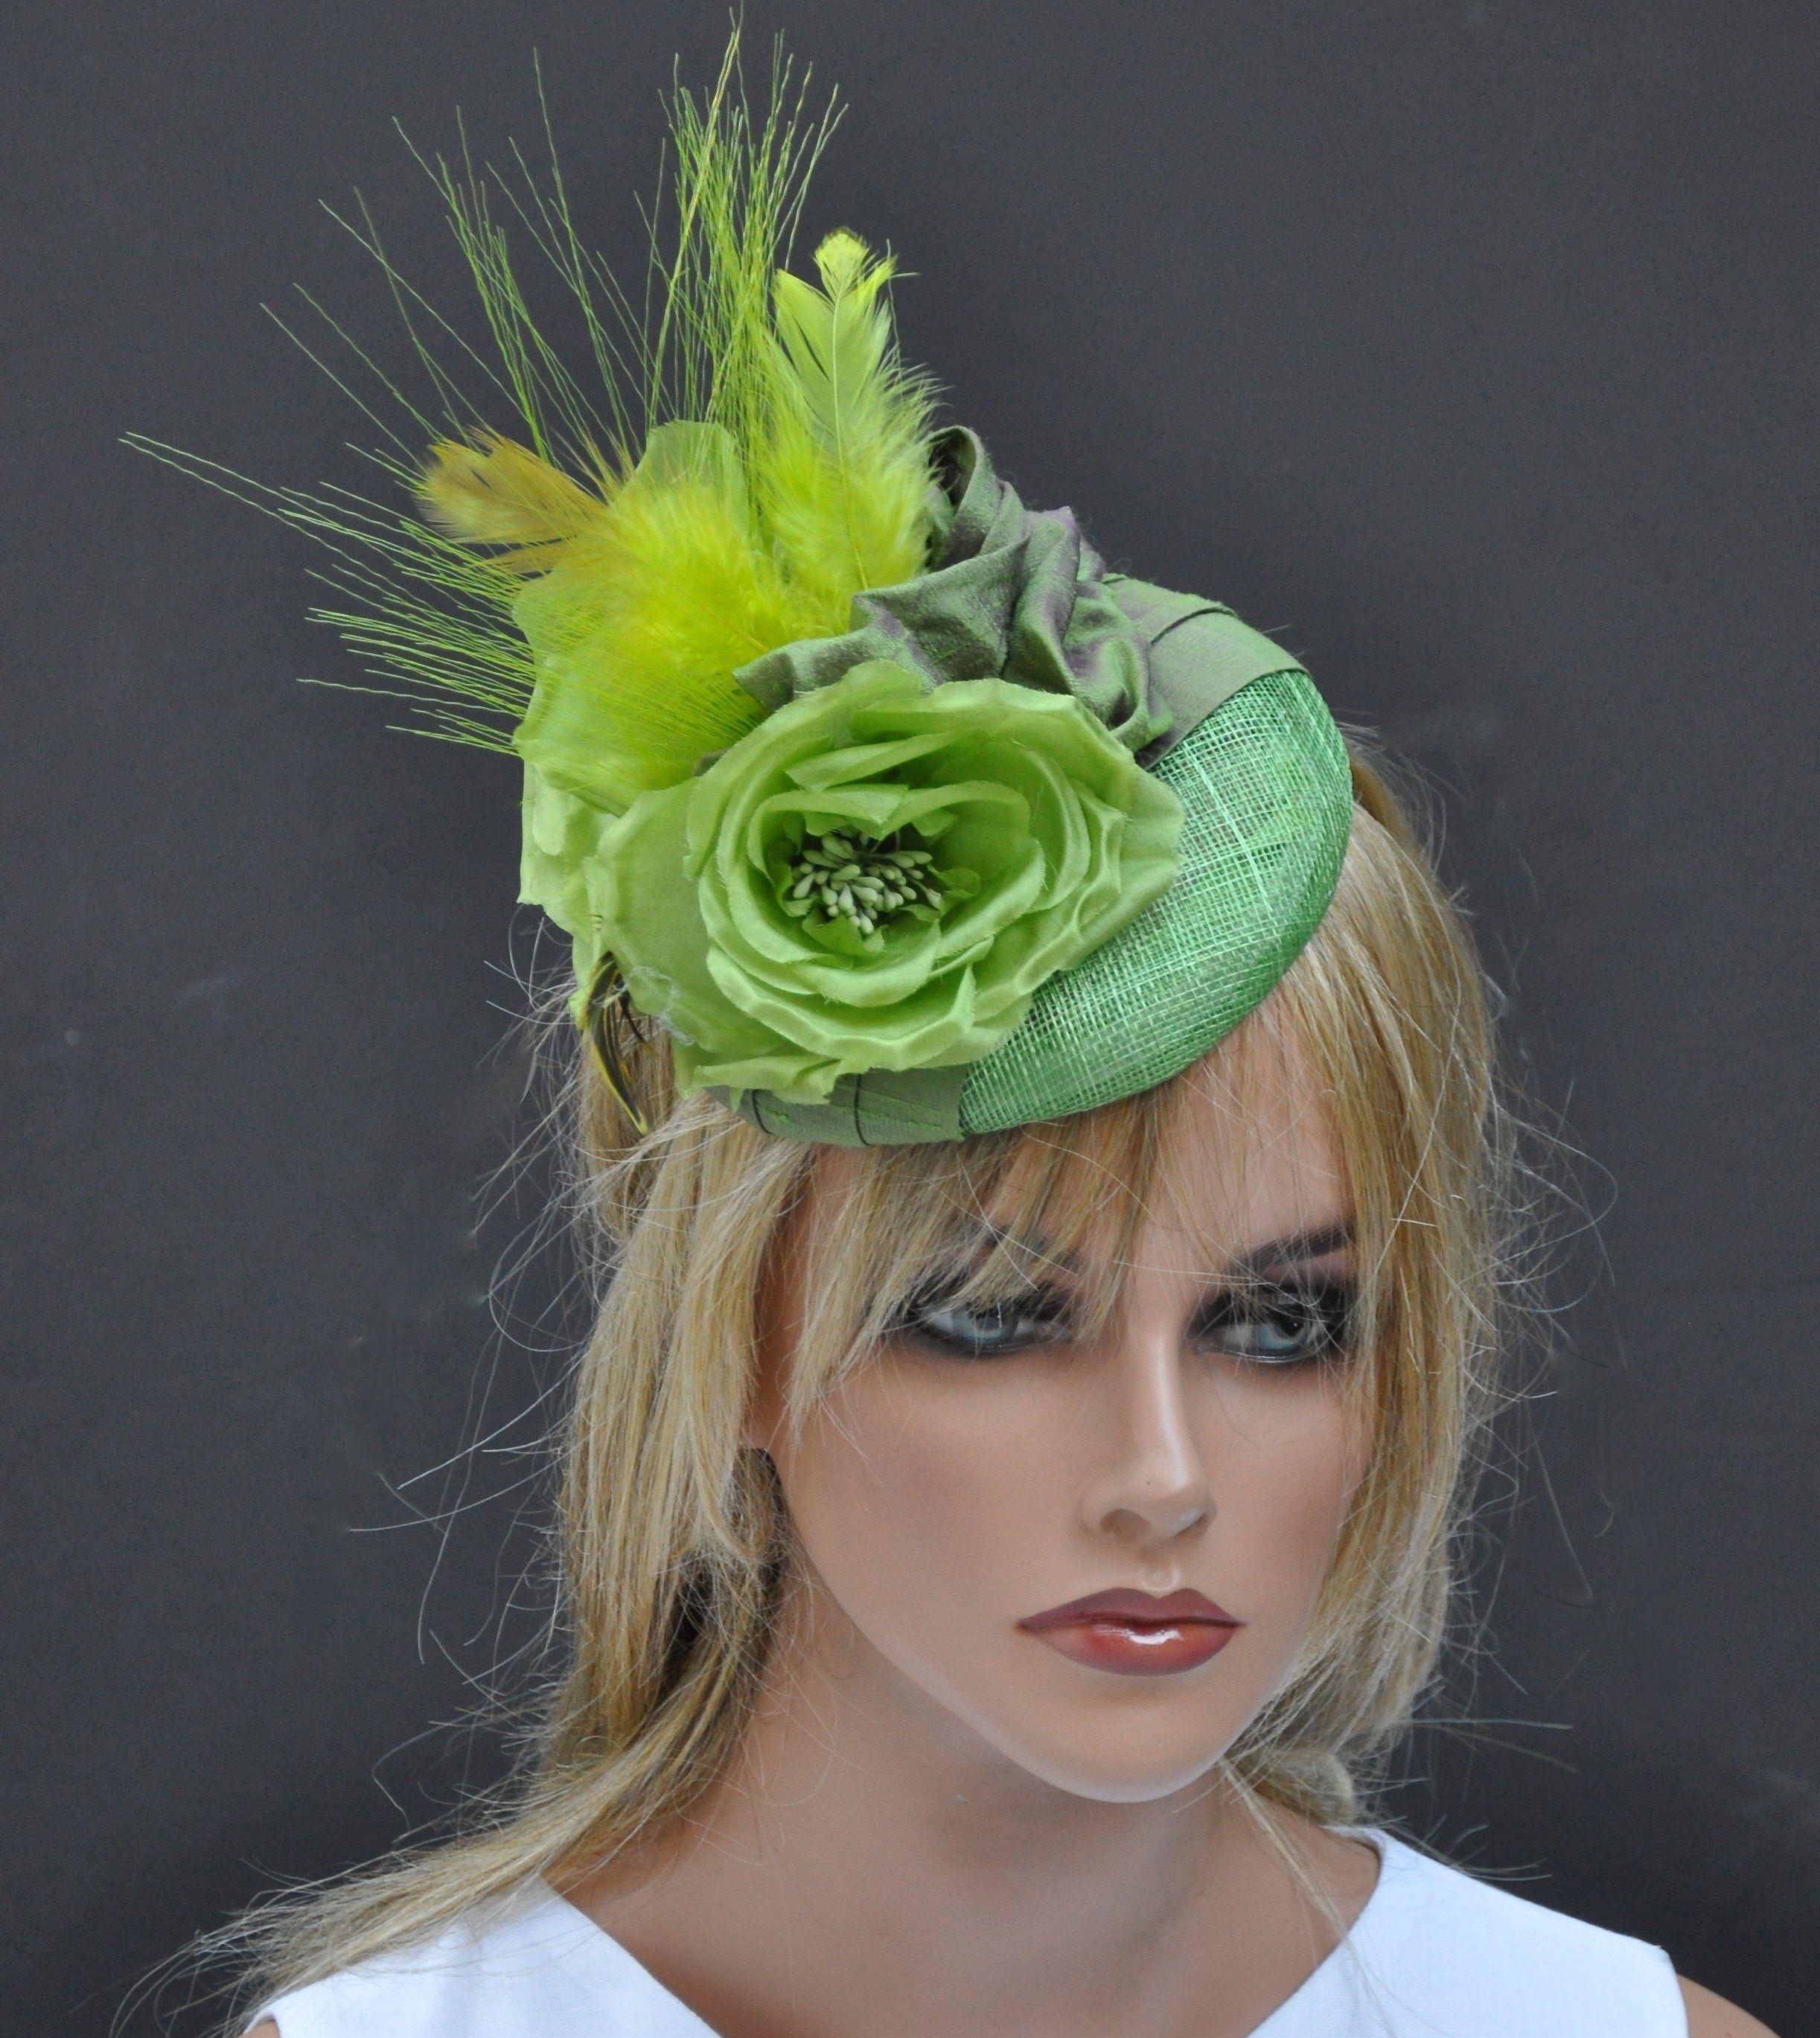 d399d3757f0e3 Kentucky Derby Fascinator Hat, Wedding Hat, Green Fascinator, Ladies Green  Hat, Ascot Hat, Formal Hat